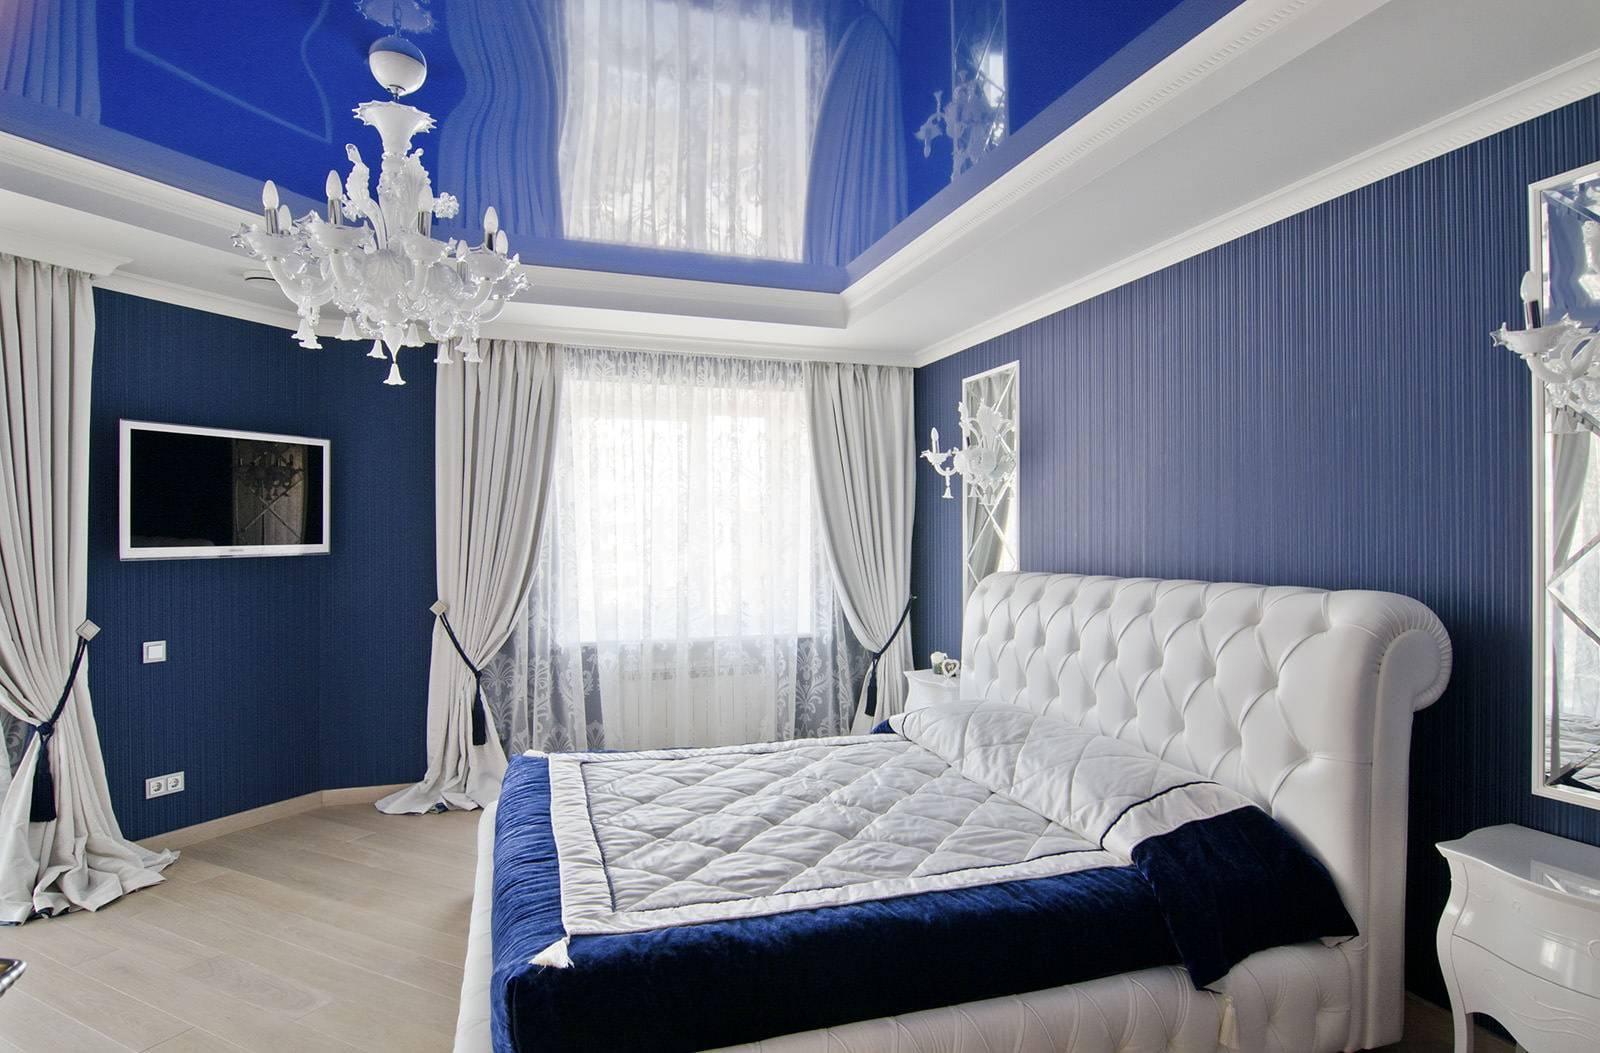 Натяжной потолок в спальне (93 фото): идеи дизайна- и освещения одноуровневых потолочных покрытий с 3d рисунком